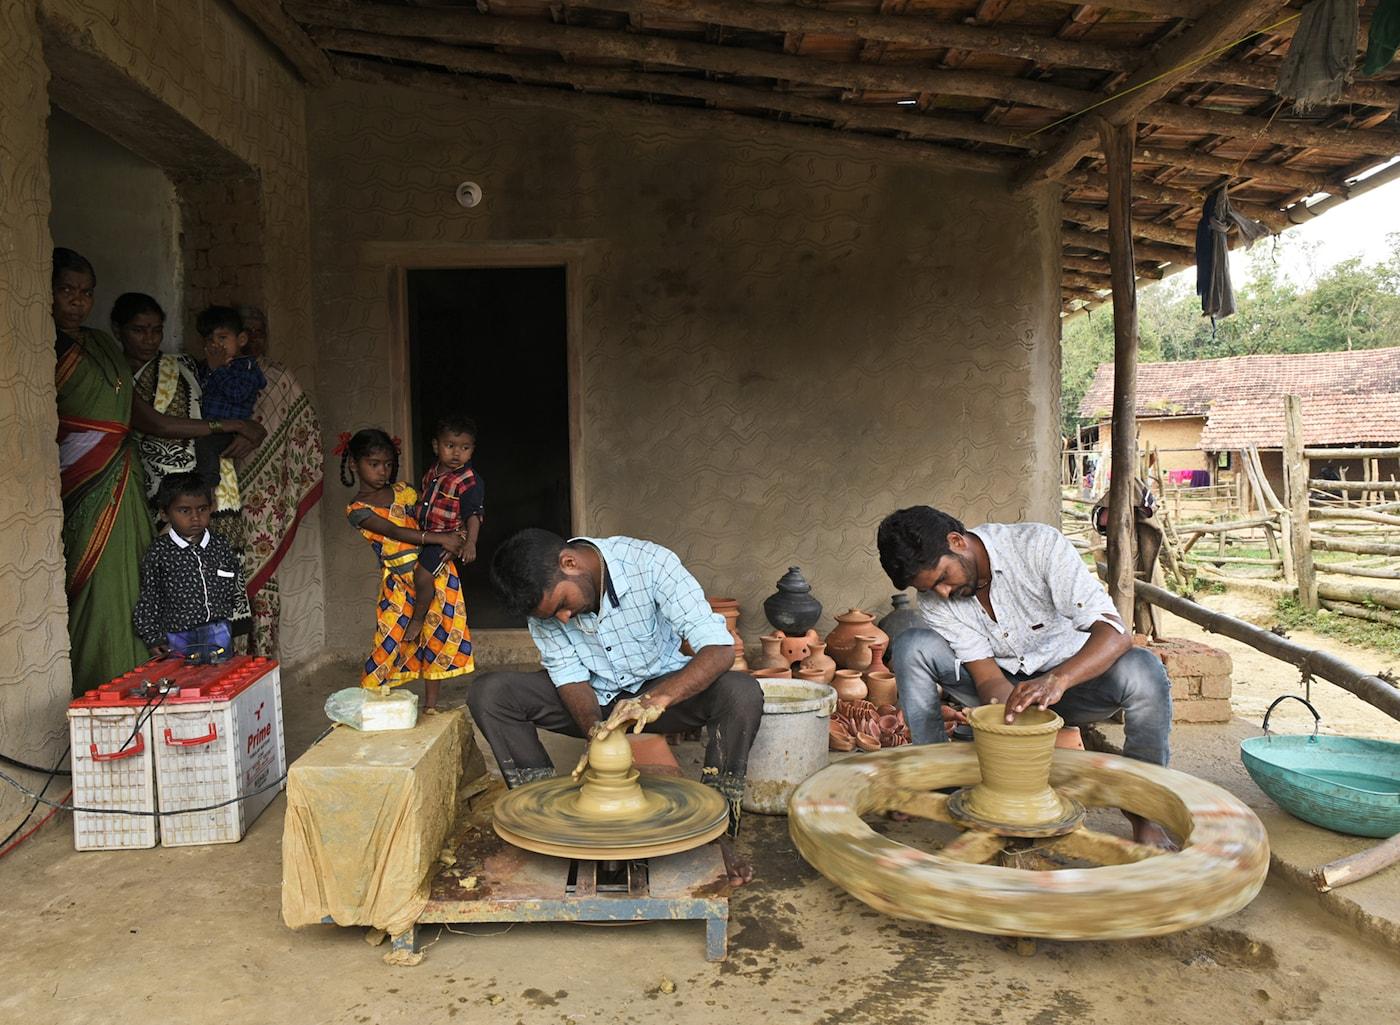 Dva indijska lončara rade za svojim lončarskim kolima dok ih susjedi iz sela promatraju.